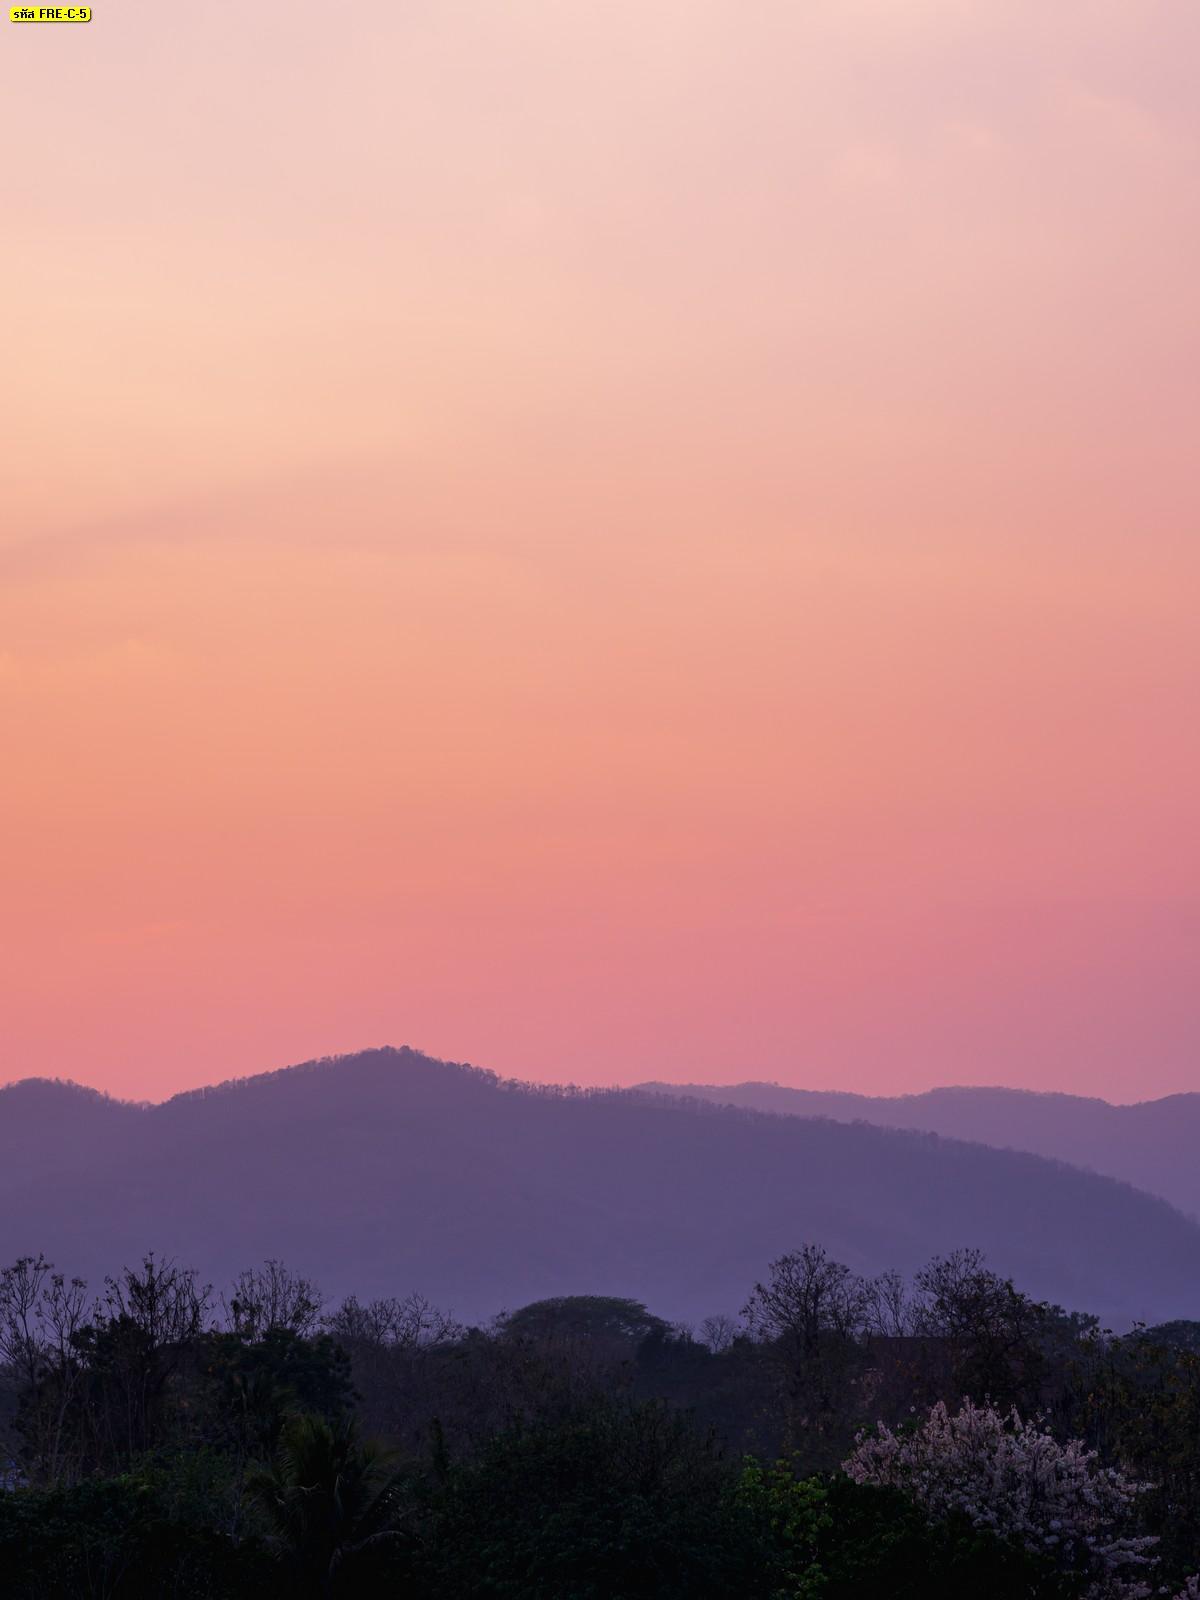 ภาพภูเขาบรรยากาศฤดูหนาว วอลเปเปอร์หน้าหนาวท้องฟ้าสีส้ม